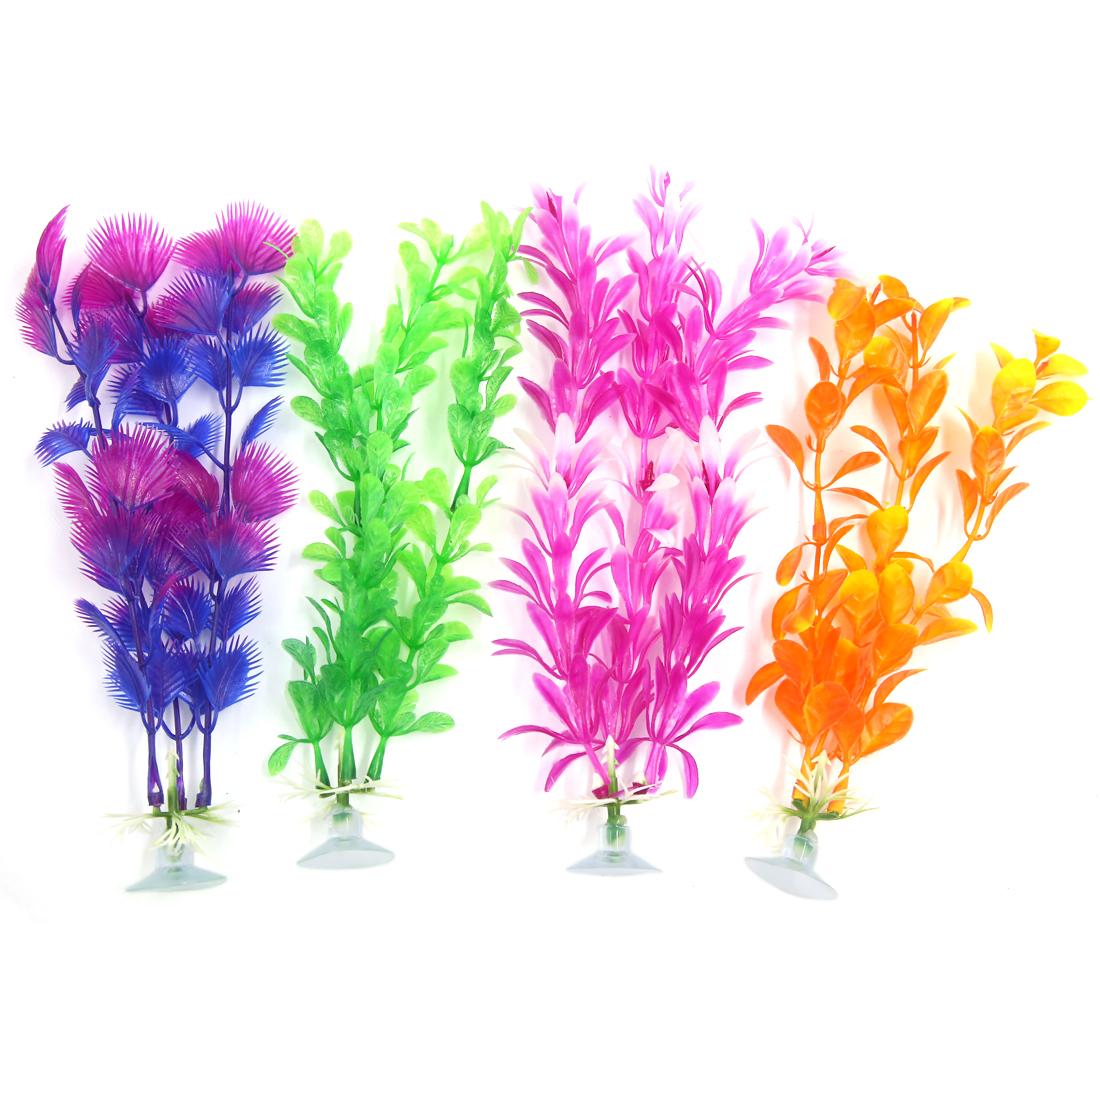 4 Pcs Aquarium Ornament Plastic Decoration Plant With Suction Cup